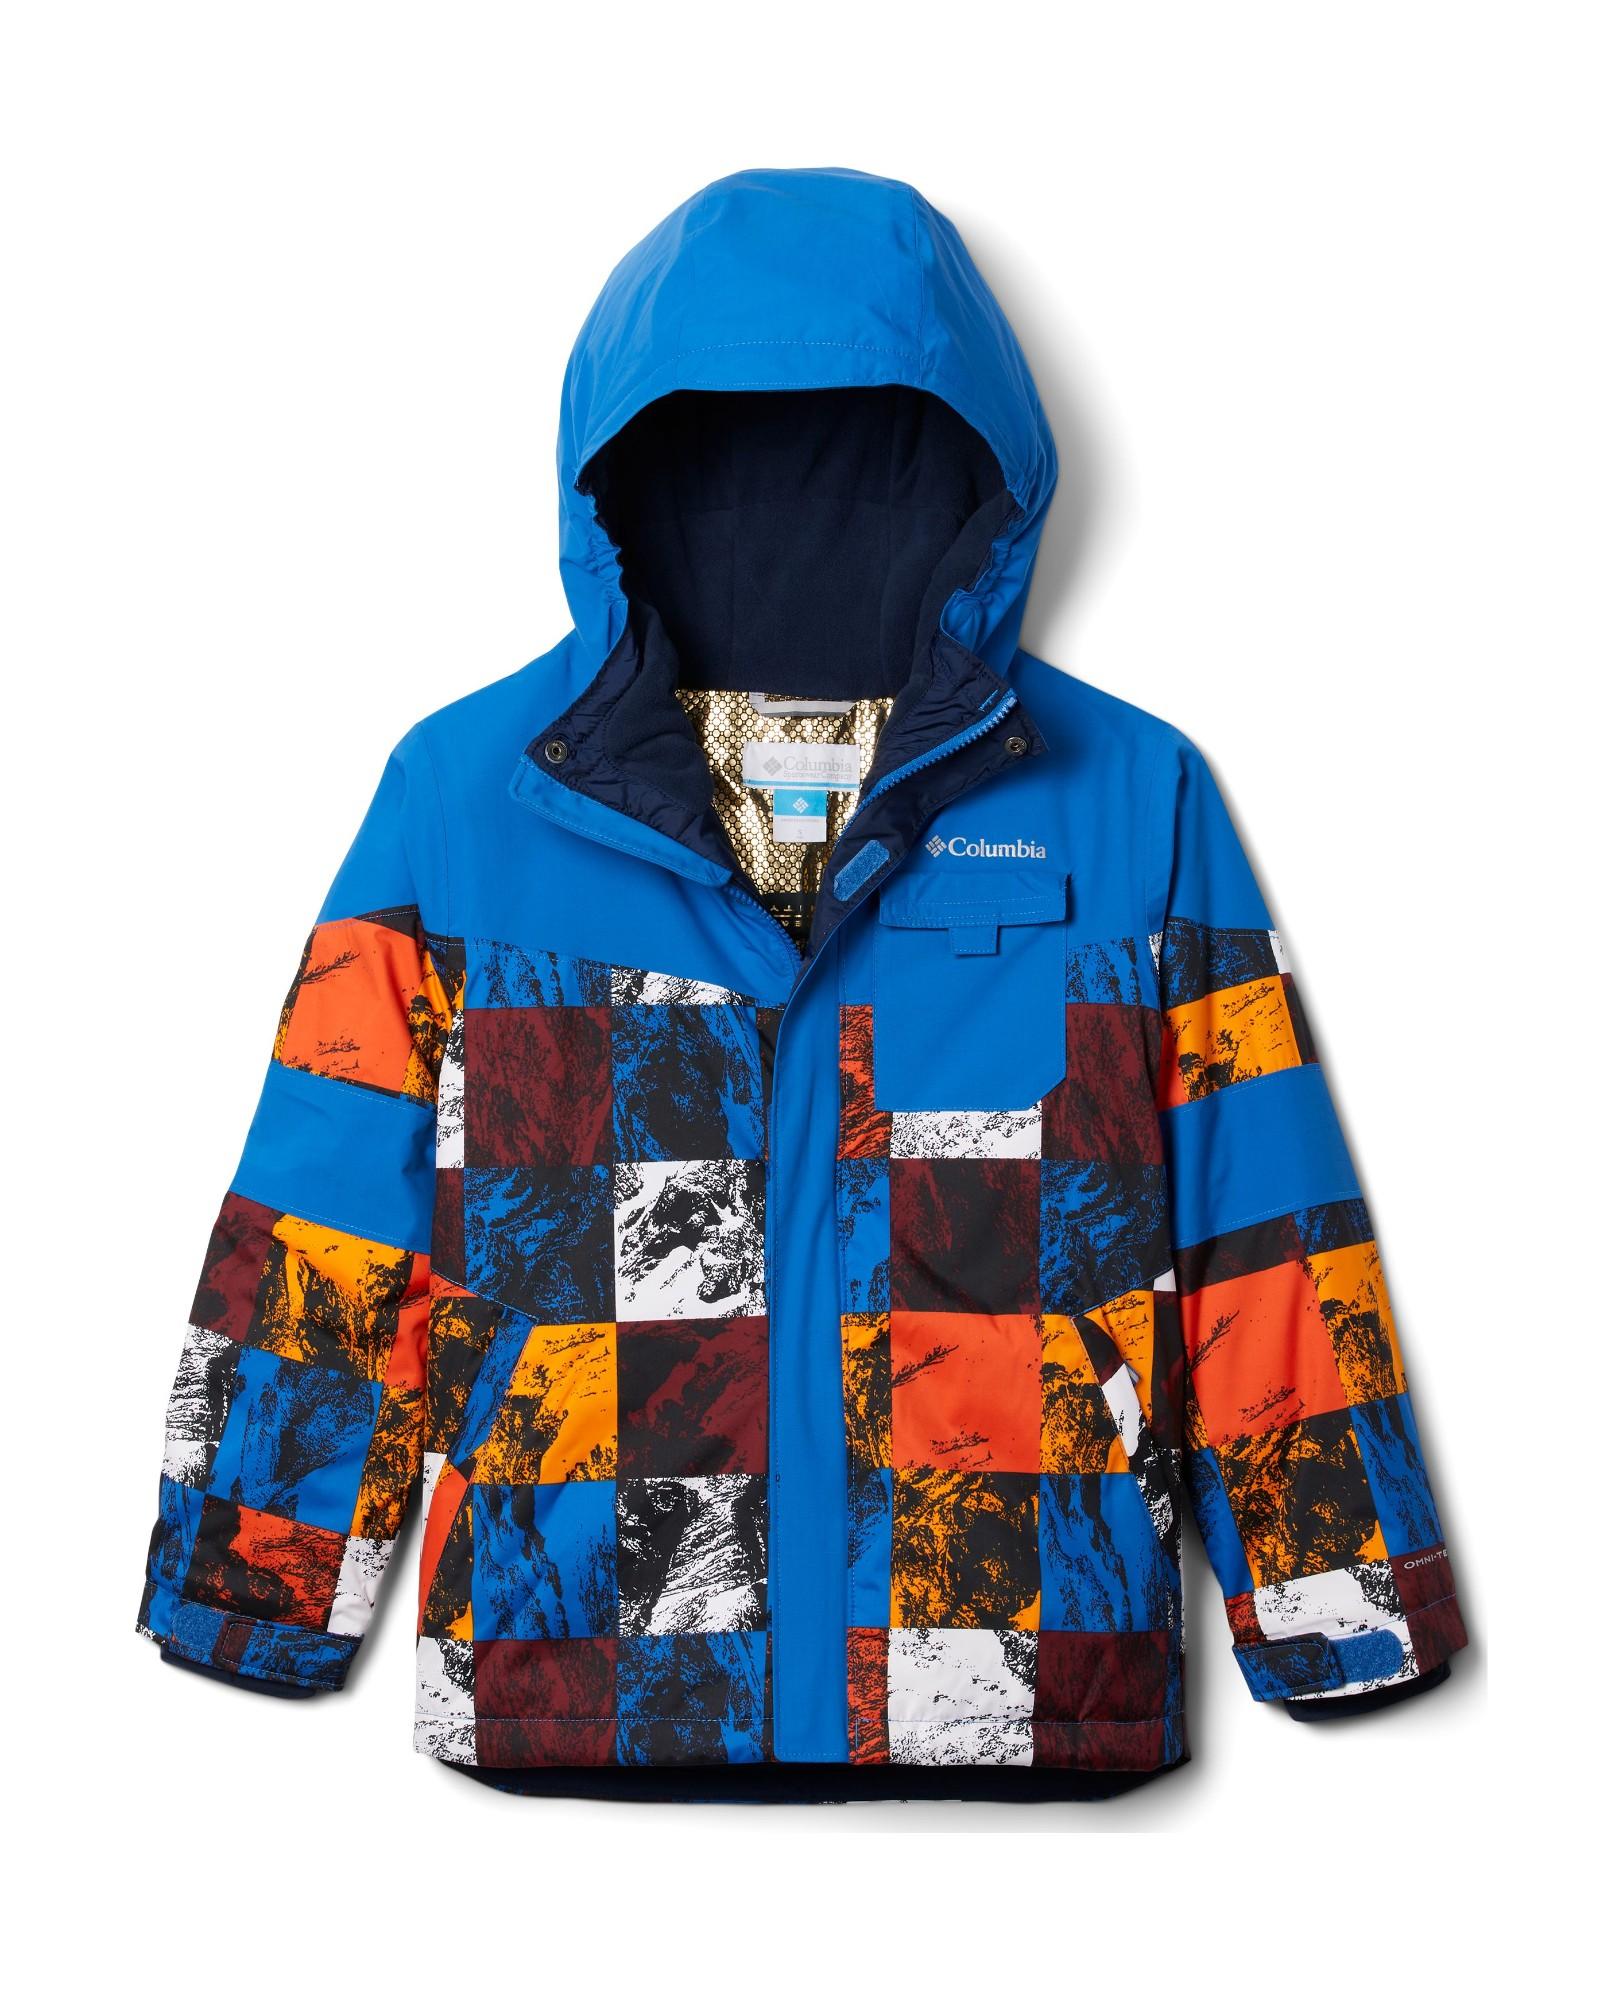 Columbia Mighty MogulII Jacket Boy's Bright Indigo Smorgas Berg/Brt Indigo 116